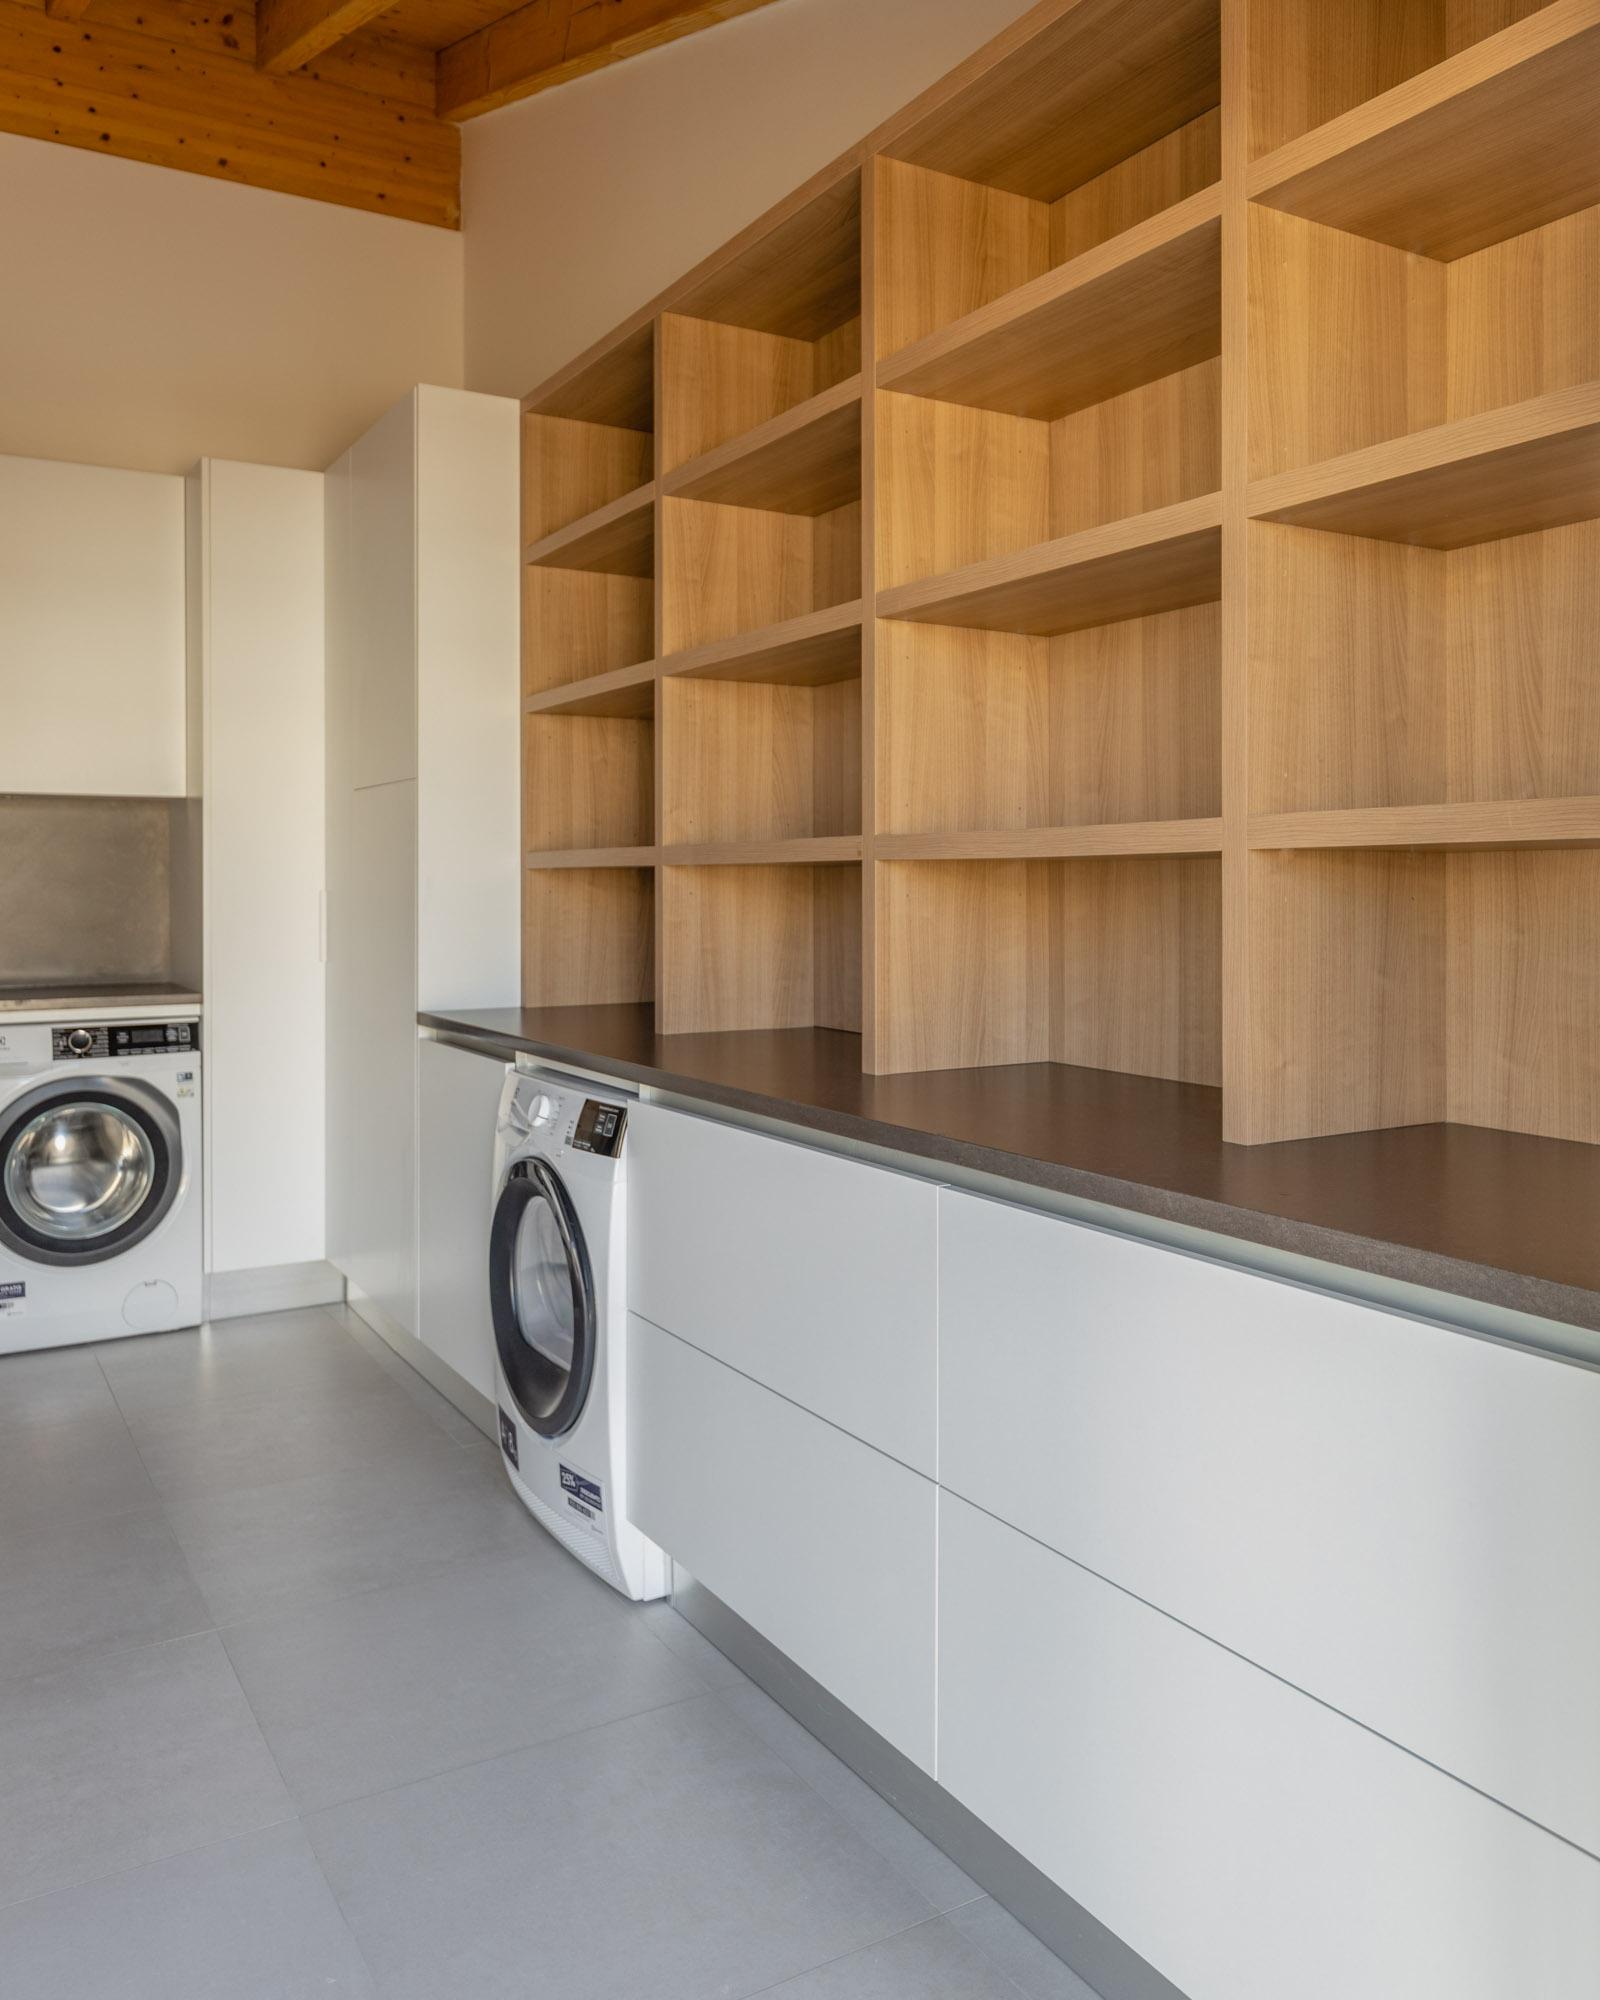 Lavandaria moderna e elegante no Algarve, com máquina de lavar roupa e máquina de secar roupa e prateleiras para arrumação da roupa.